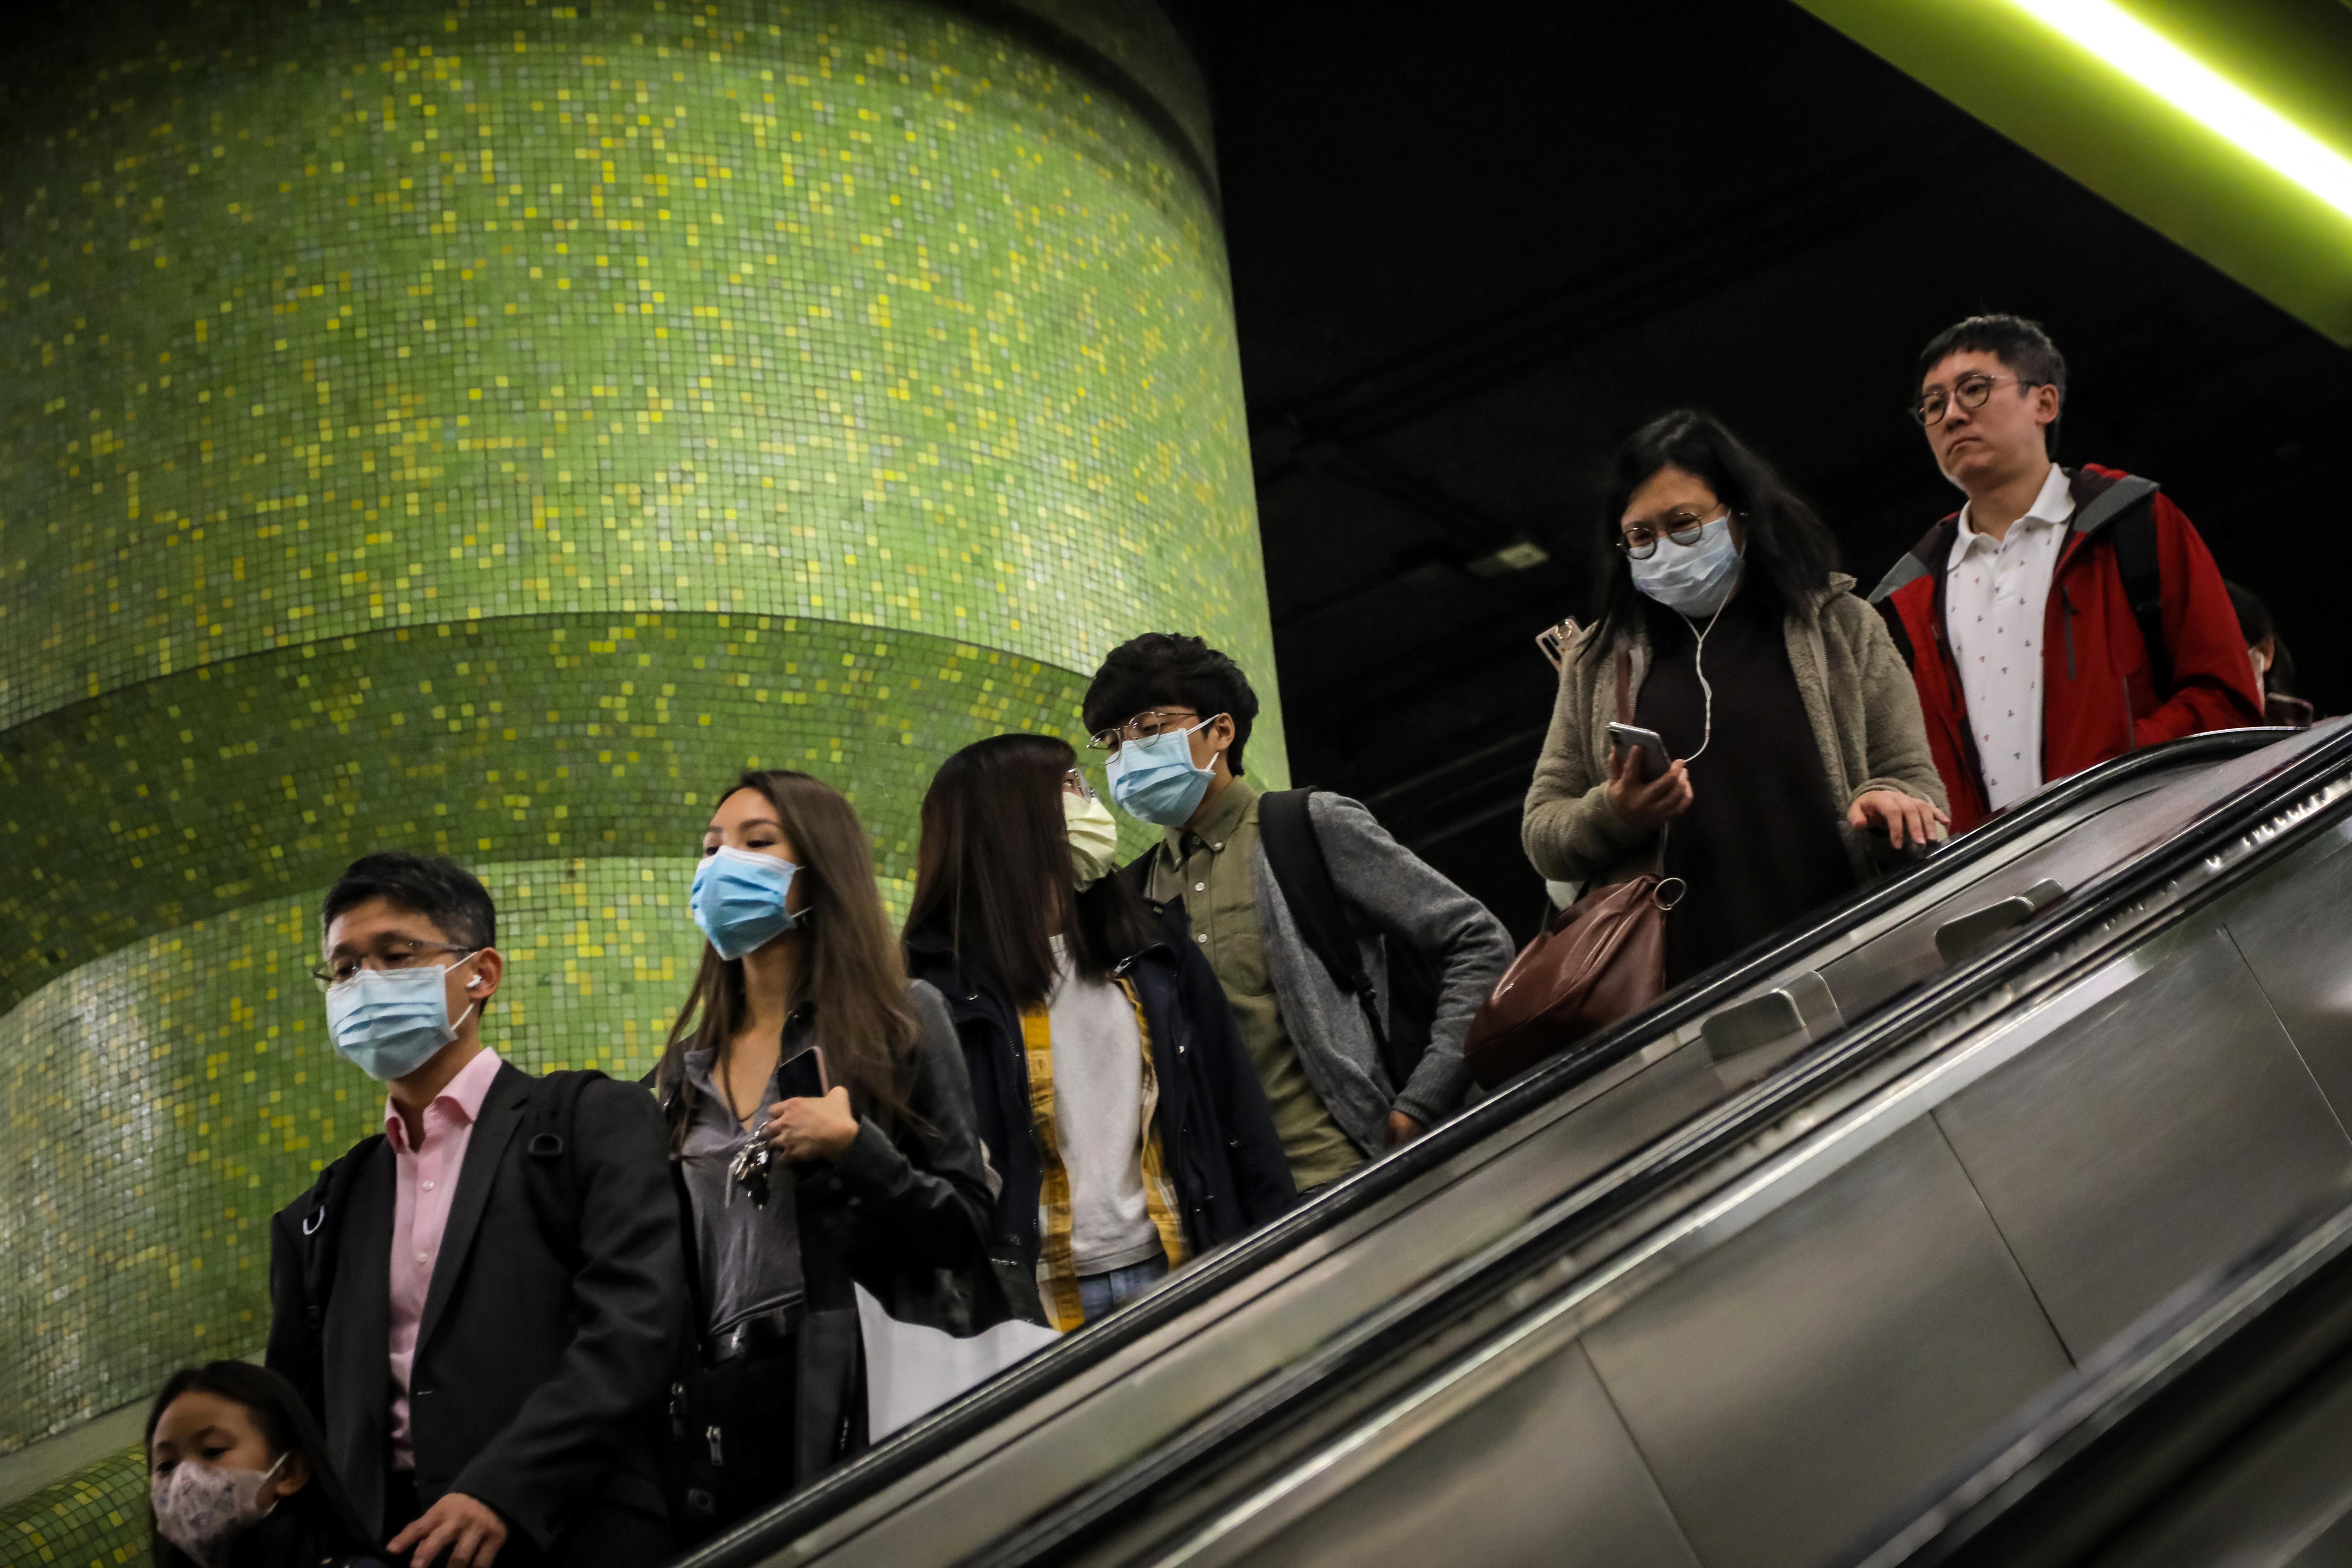 Újabb két várost zártak le Kínában a koronavírus miatt, megvan az első amerikai beteg is